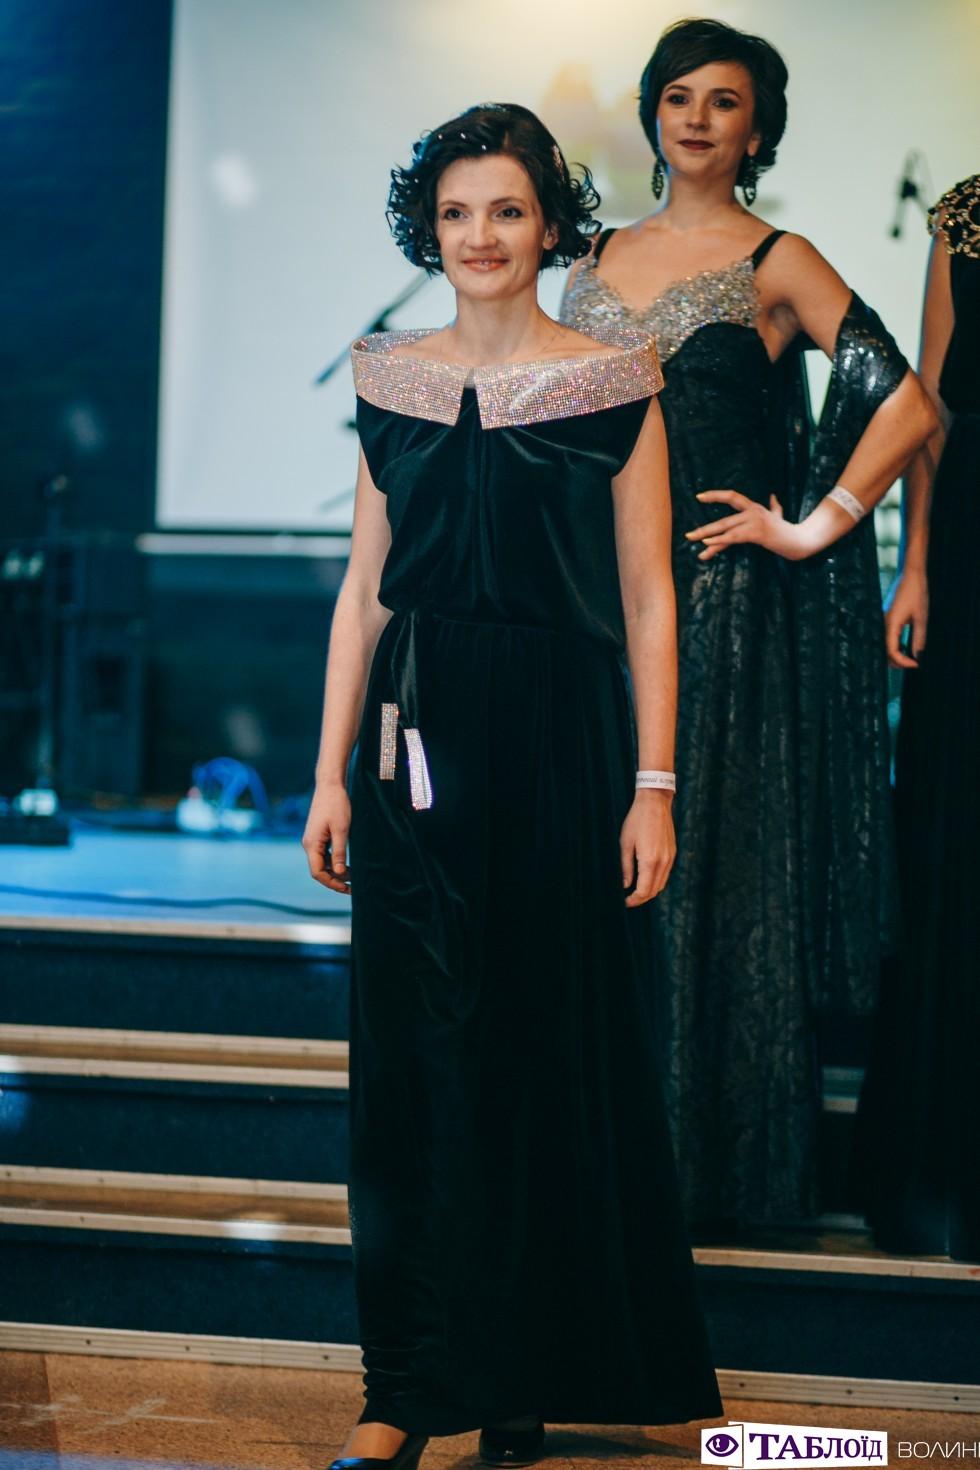 Викладачі приміряли сукні дизайнерки Анни Дідух